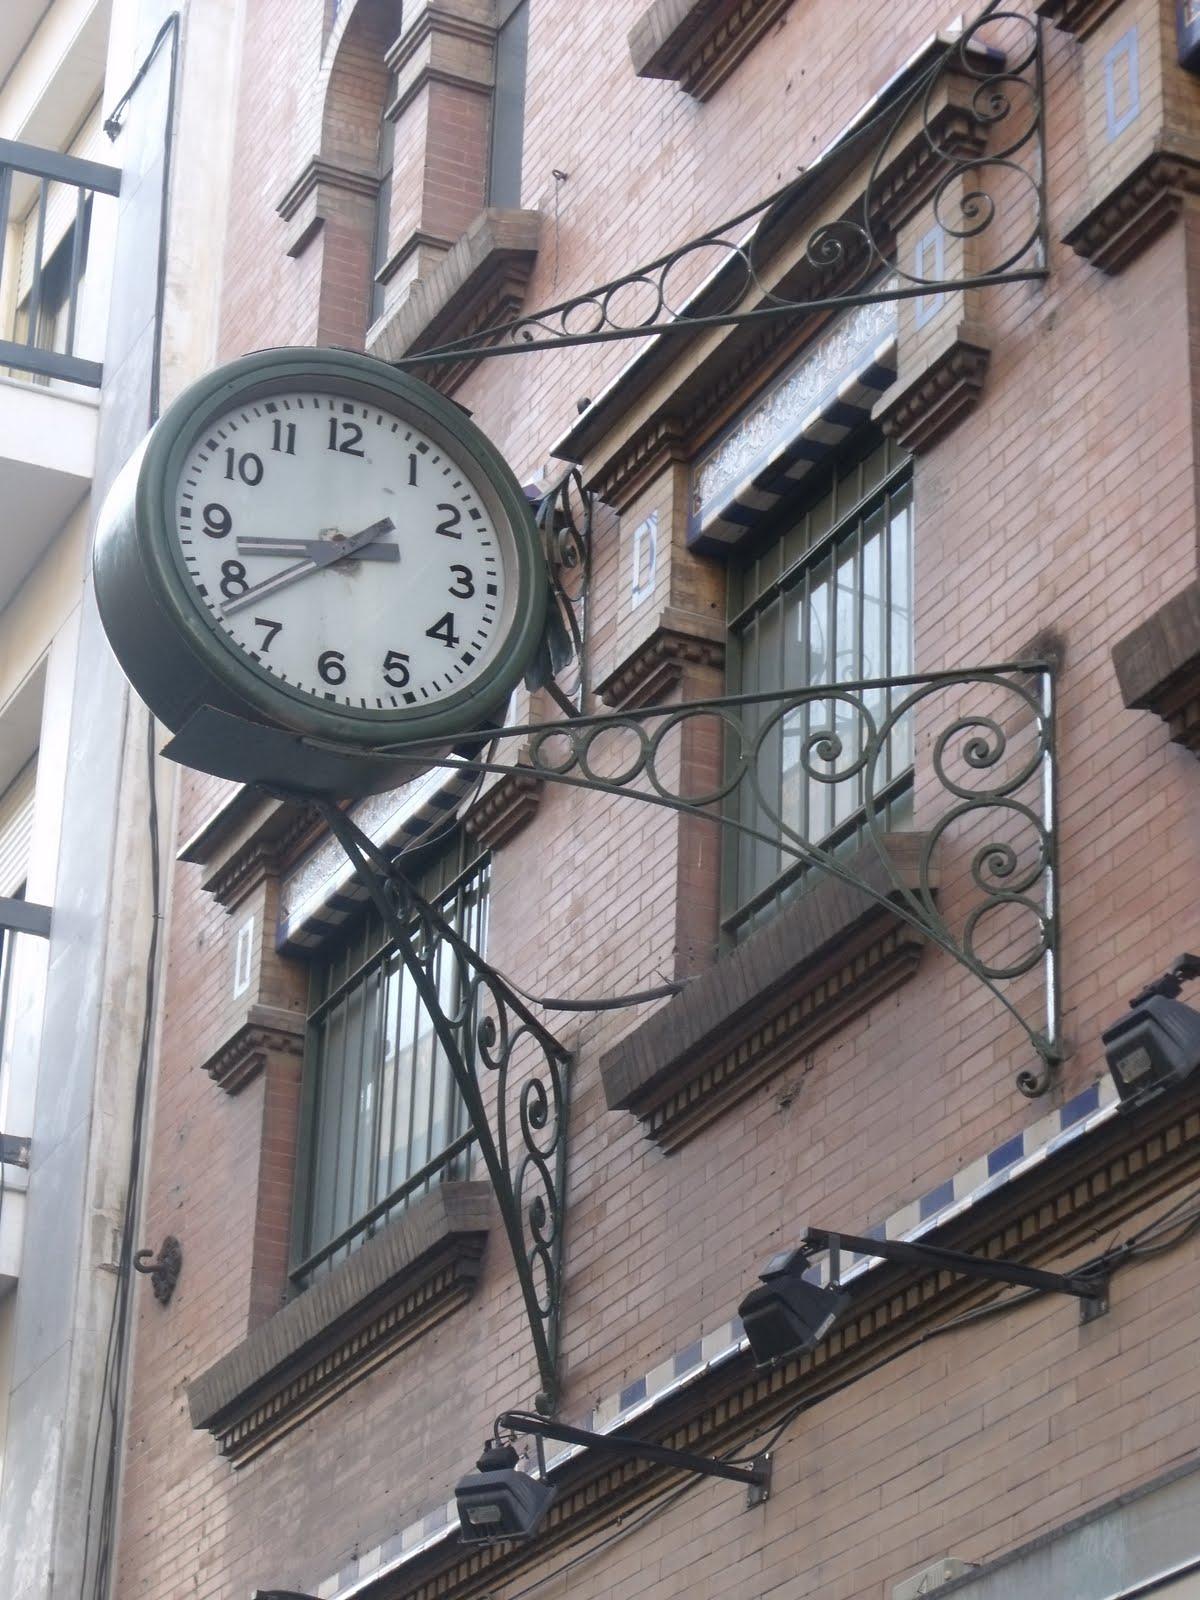 El reloj de la casa sin balcones sevillanadas sevilla - Relojes para casa ...